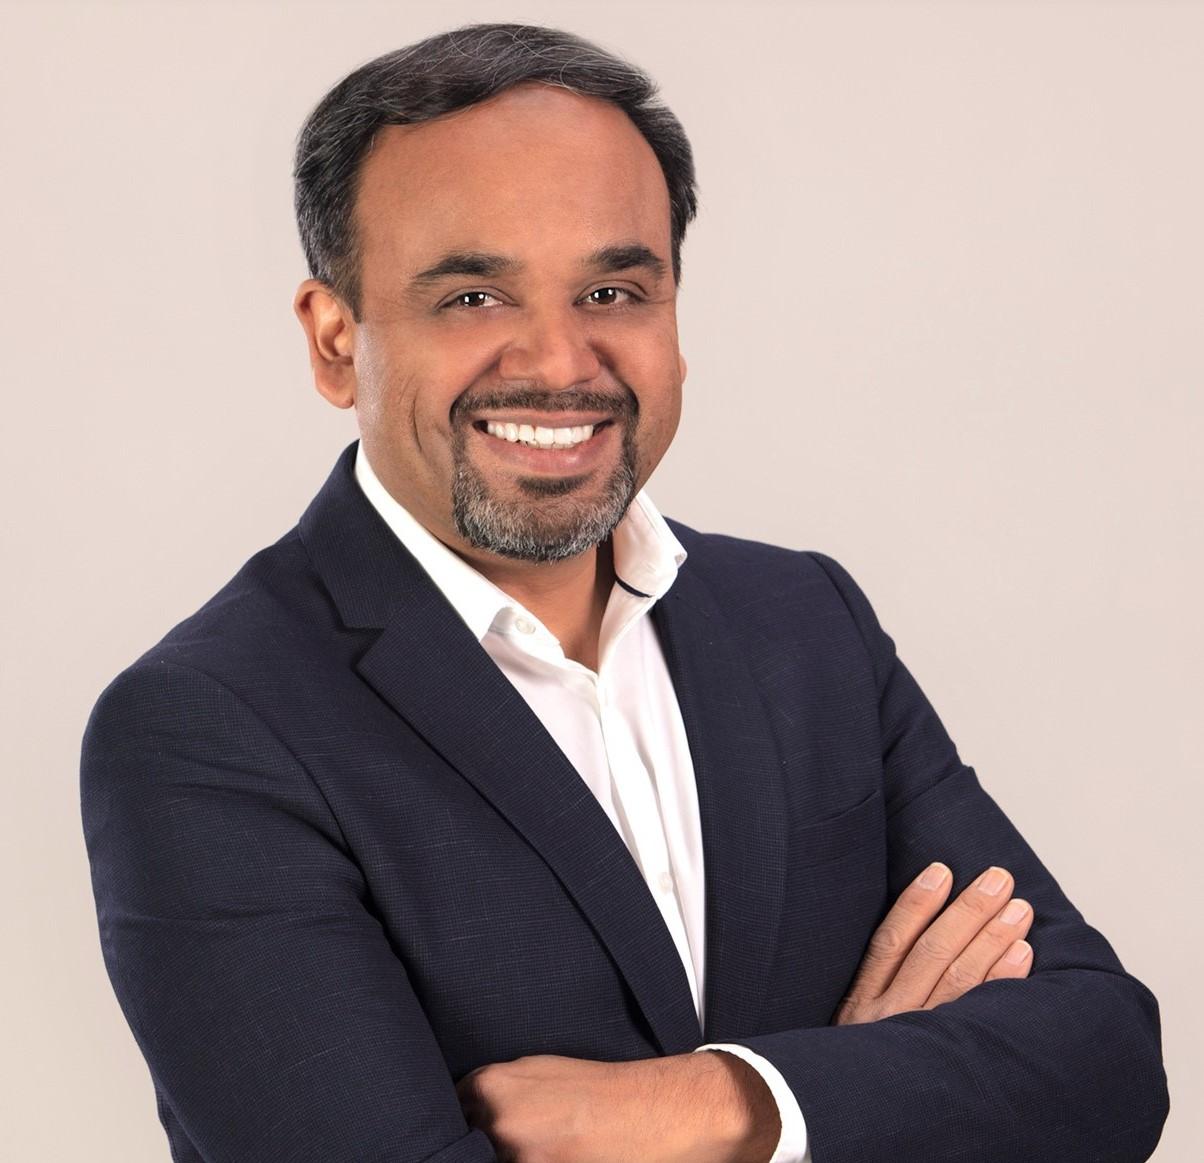 Dushyant Varshney, EVP & Chief Technology Officer